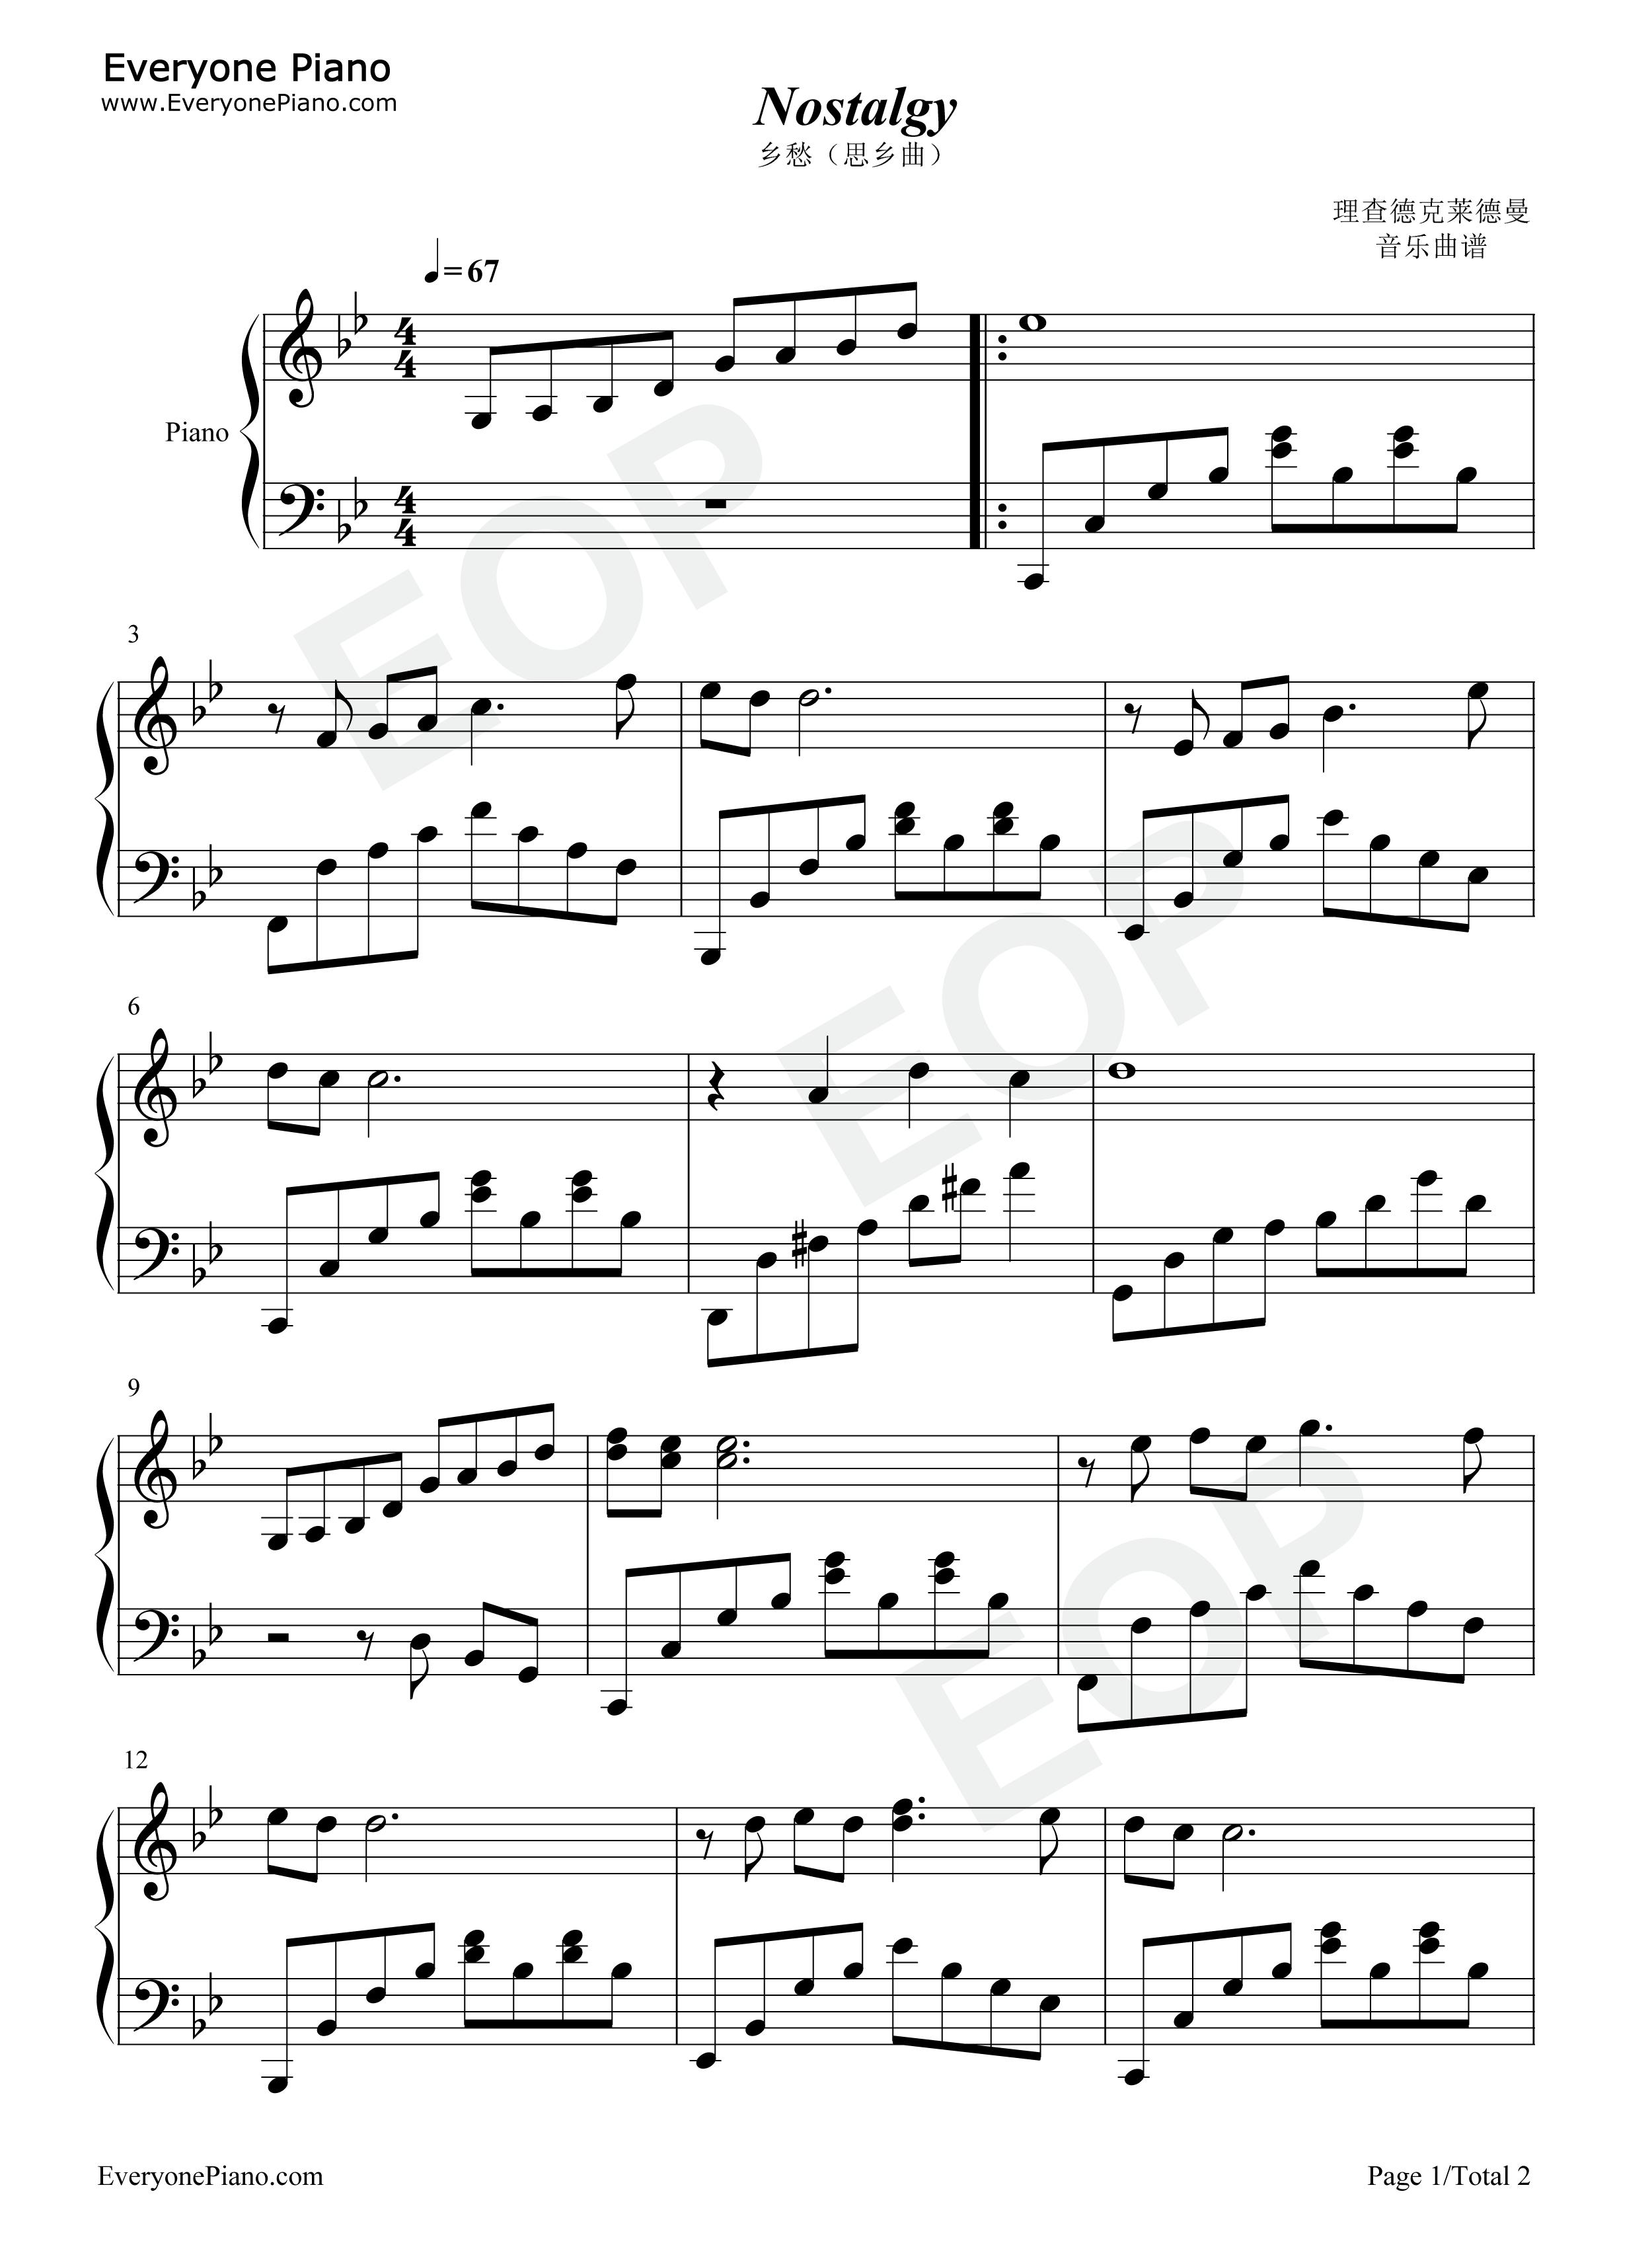 网站首页 钢琴曲谱 轻音乐 乡愁-思乡曲-nostalgy >> 乡愁-思乡曲